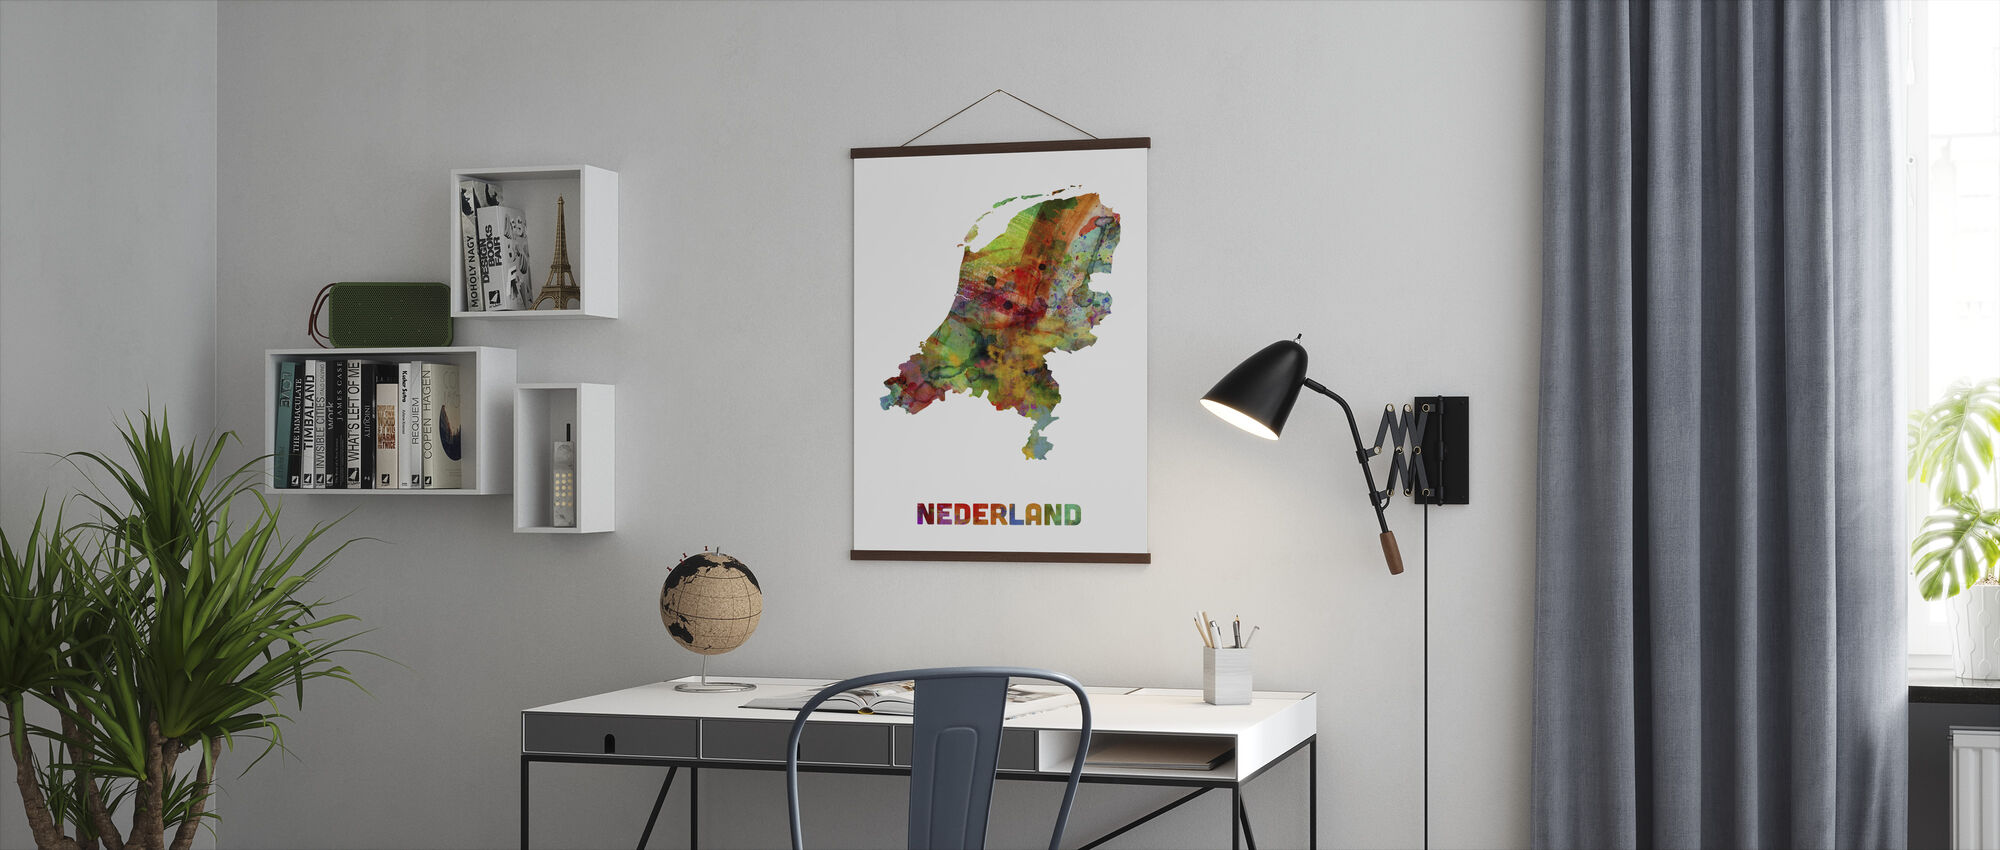 Nederland Watercolor Kaart - Poster - Kantoor